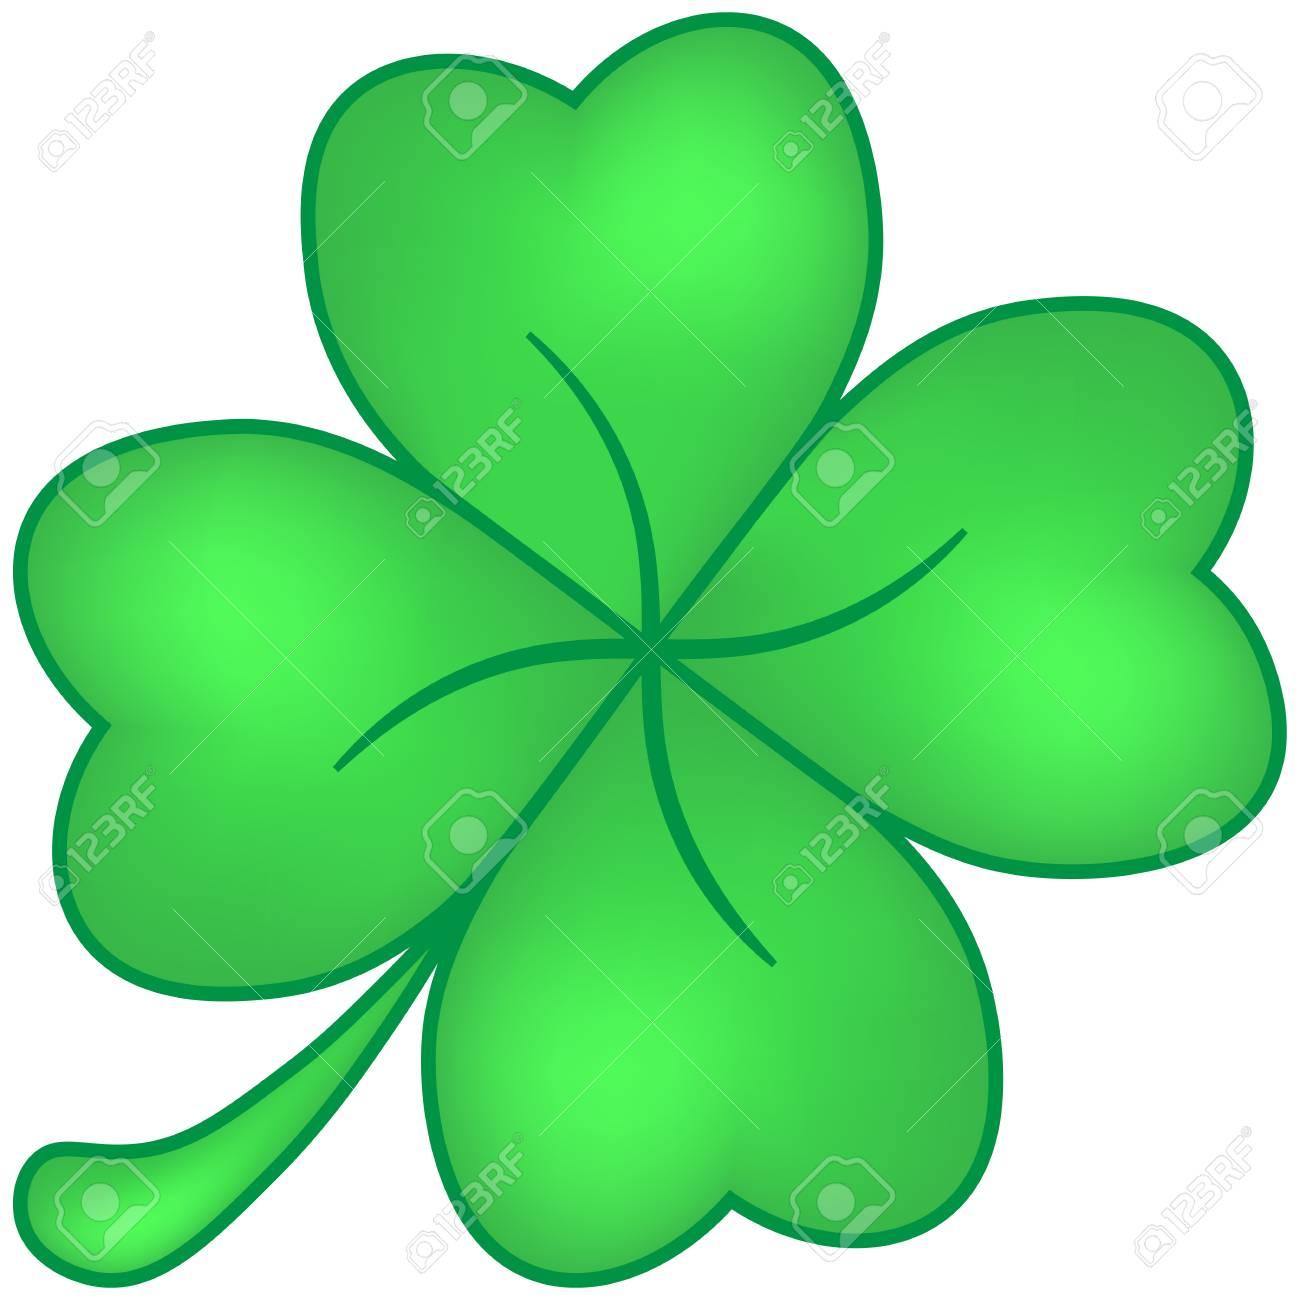 Vierblättriges Kleeblatt Grün Isoliert Auf Weißem Hintergrund